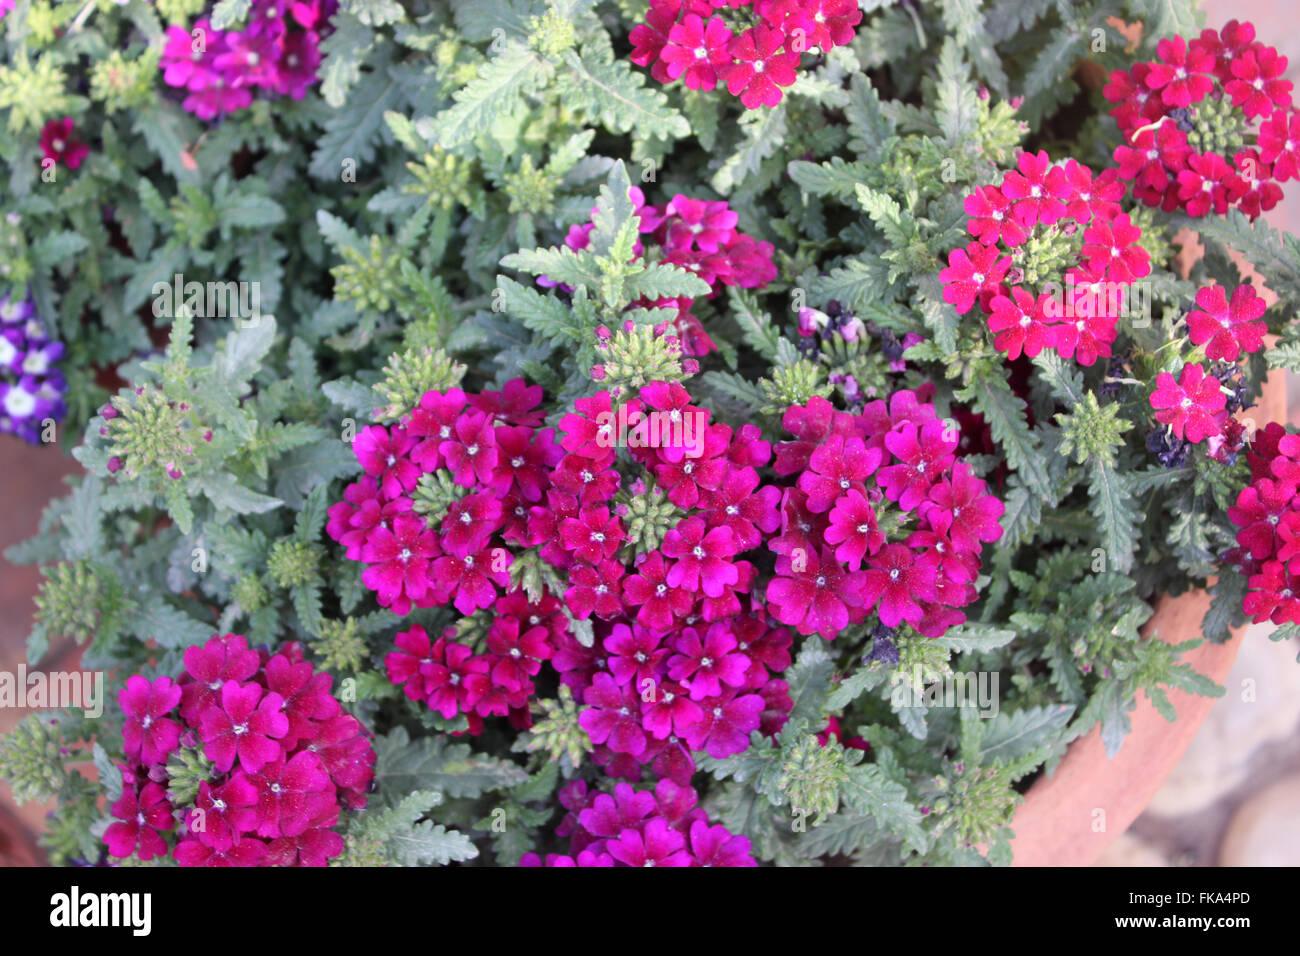 verbena x hybrida sandy rose familie lamiaceae. Black Bedroom Furniture Sets. Home Design Ideas